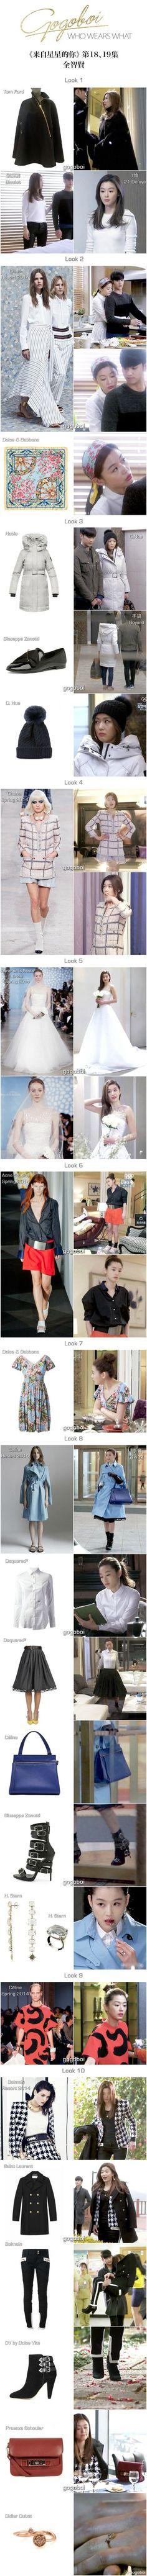 Song yi fashion